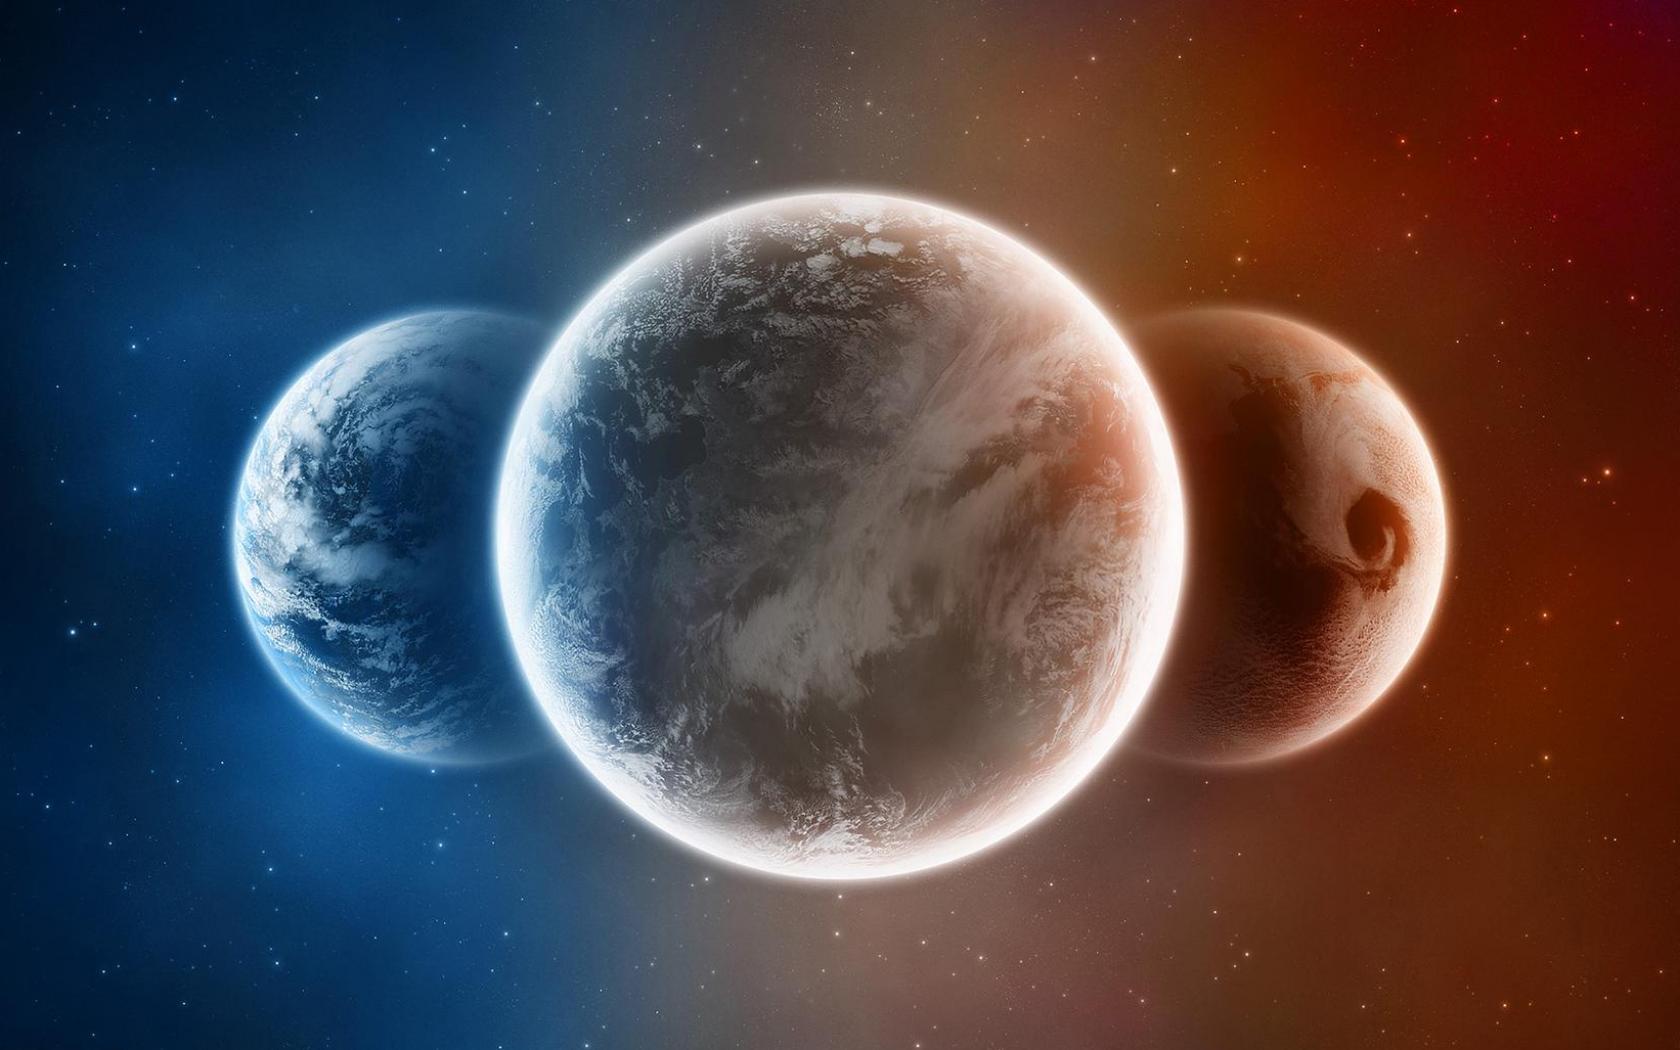 Обои космос три планеты космос 1680x1050